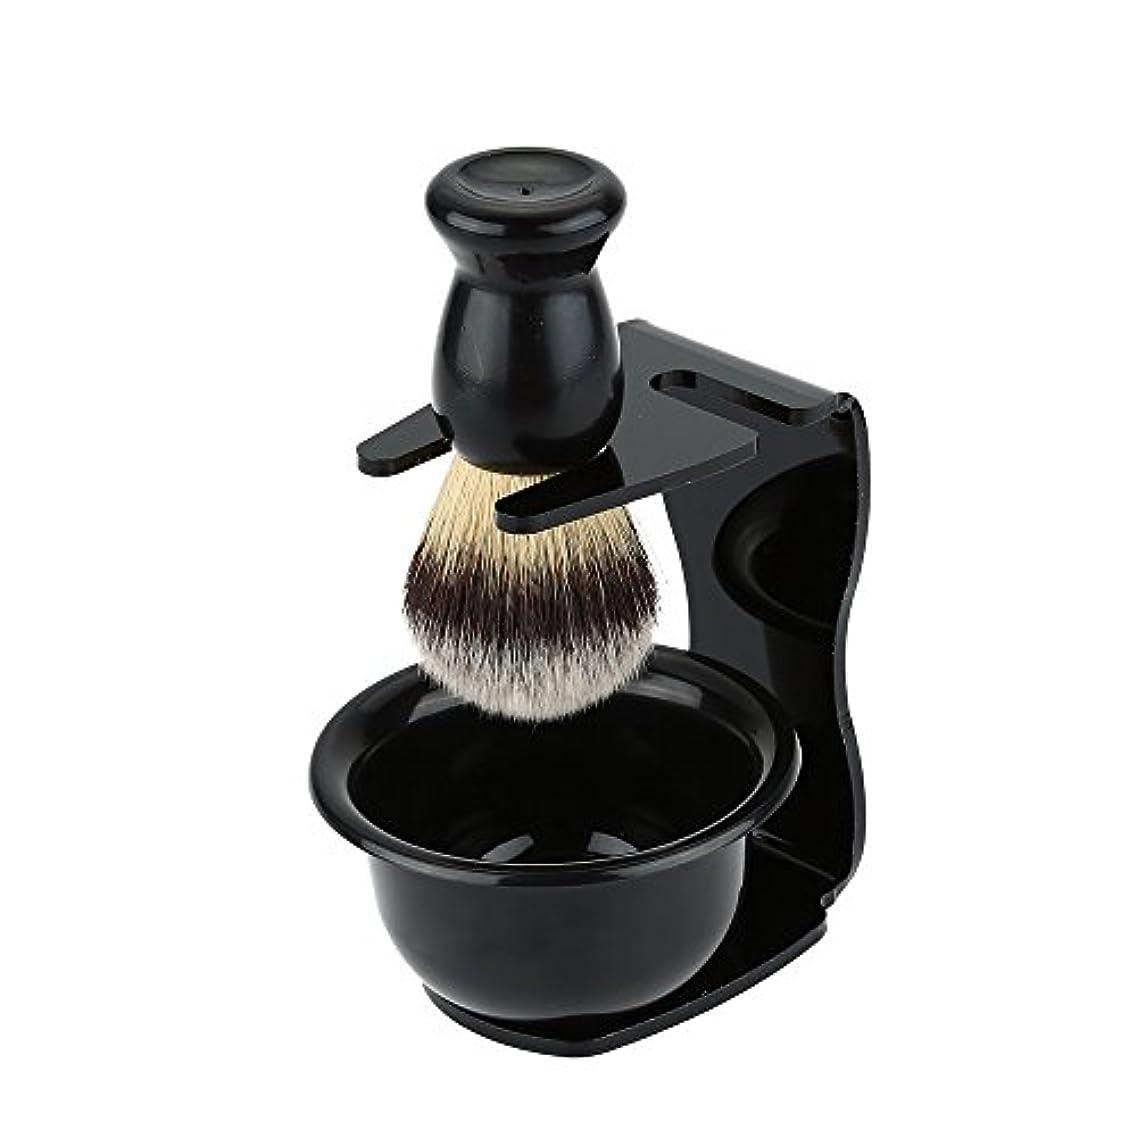 乗算すでにオペラRakuby 3点セット シェービングブラシキット シェービングブラシ+スタンド+ ソープボウル 洗顔ブラシ 泡立ち 髭剃り 男性用 ダンナ 父親 父の日 プレゼント ブラシアクセサリー